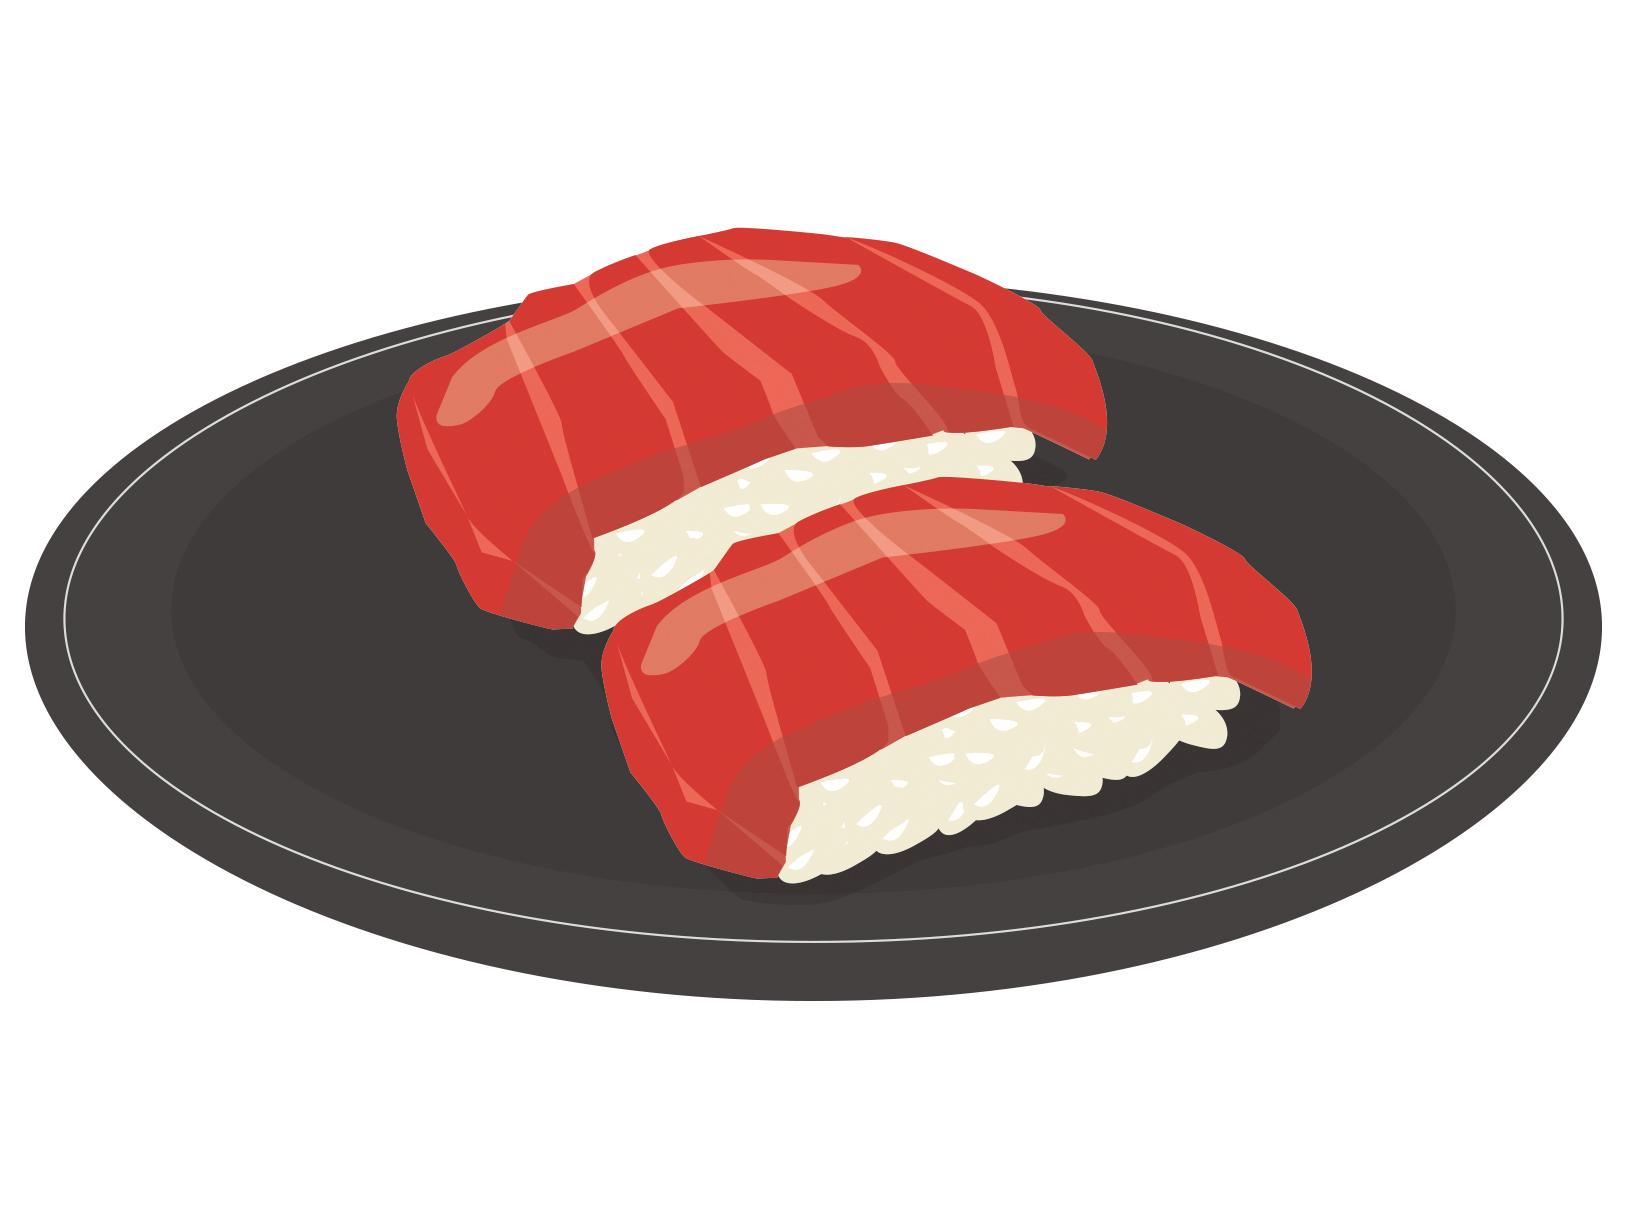 一番好きな回転寿司チェーンランキング、1位は